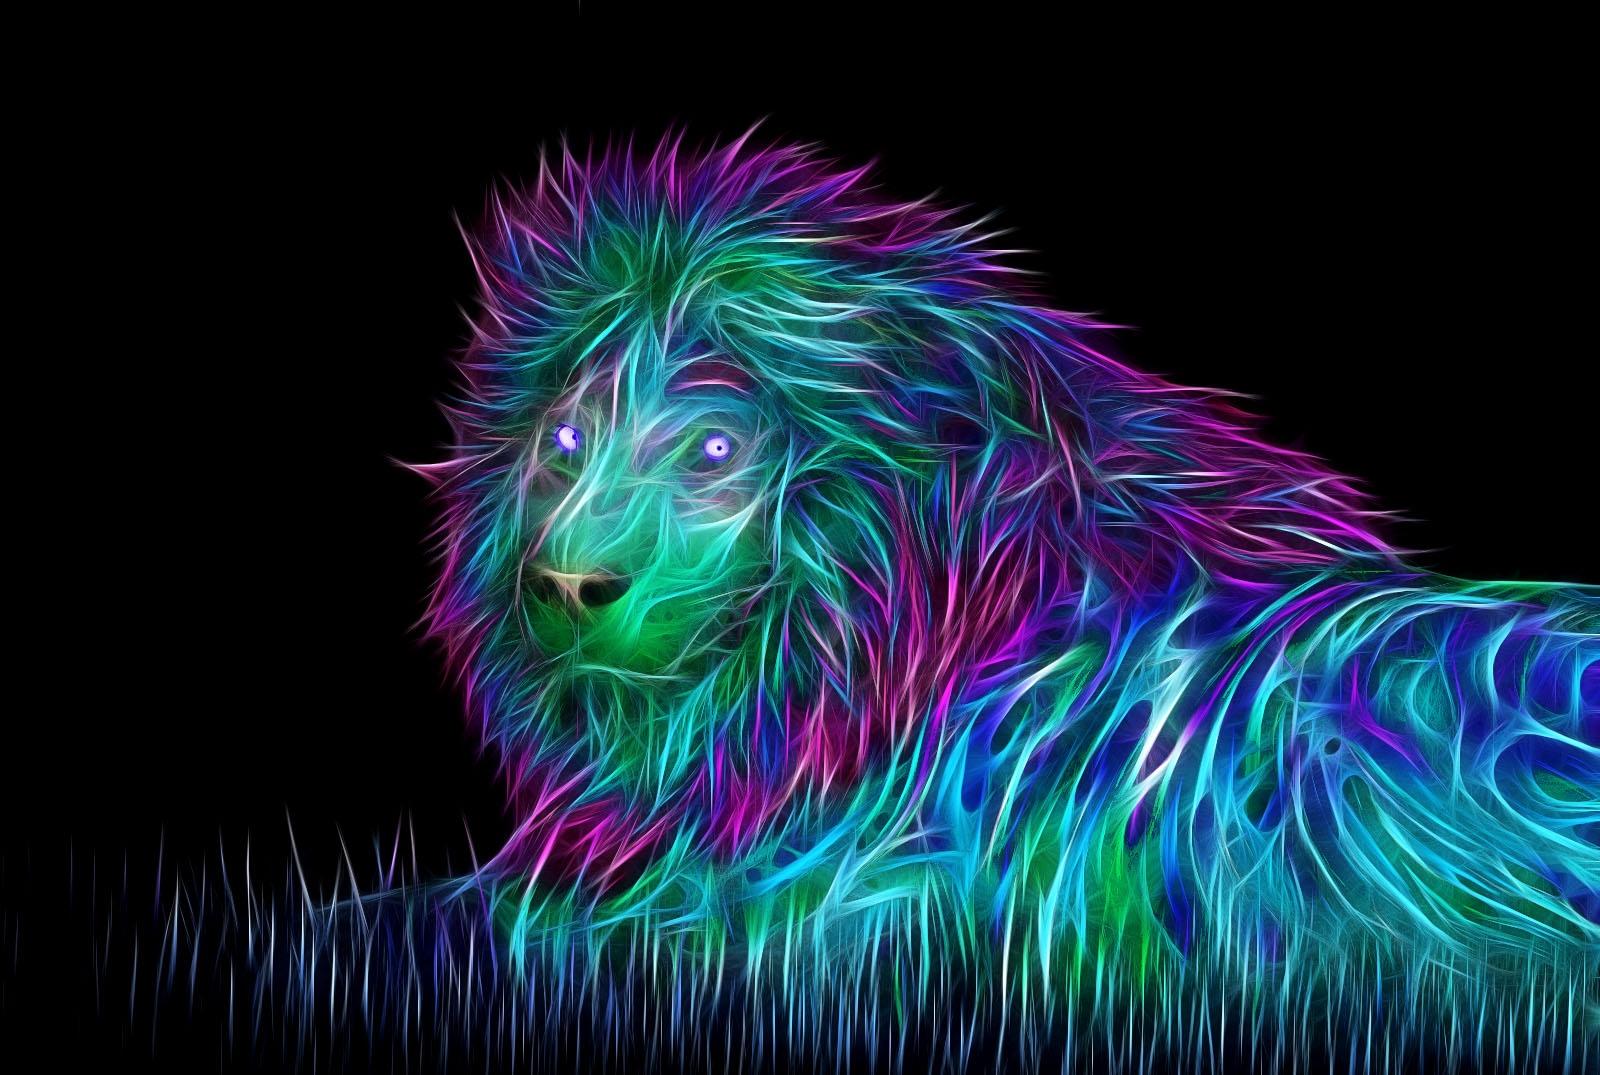 wallpaper : abstract, 3d, art, lion 1600x1075 - wallhaven - 1030626